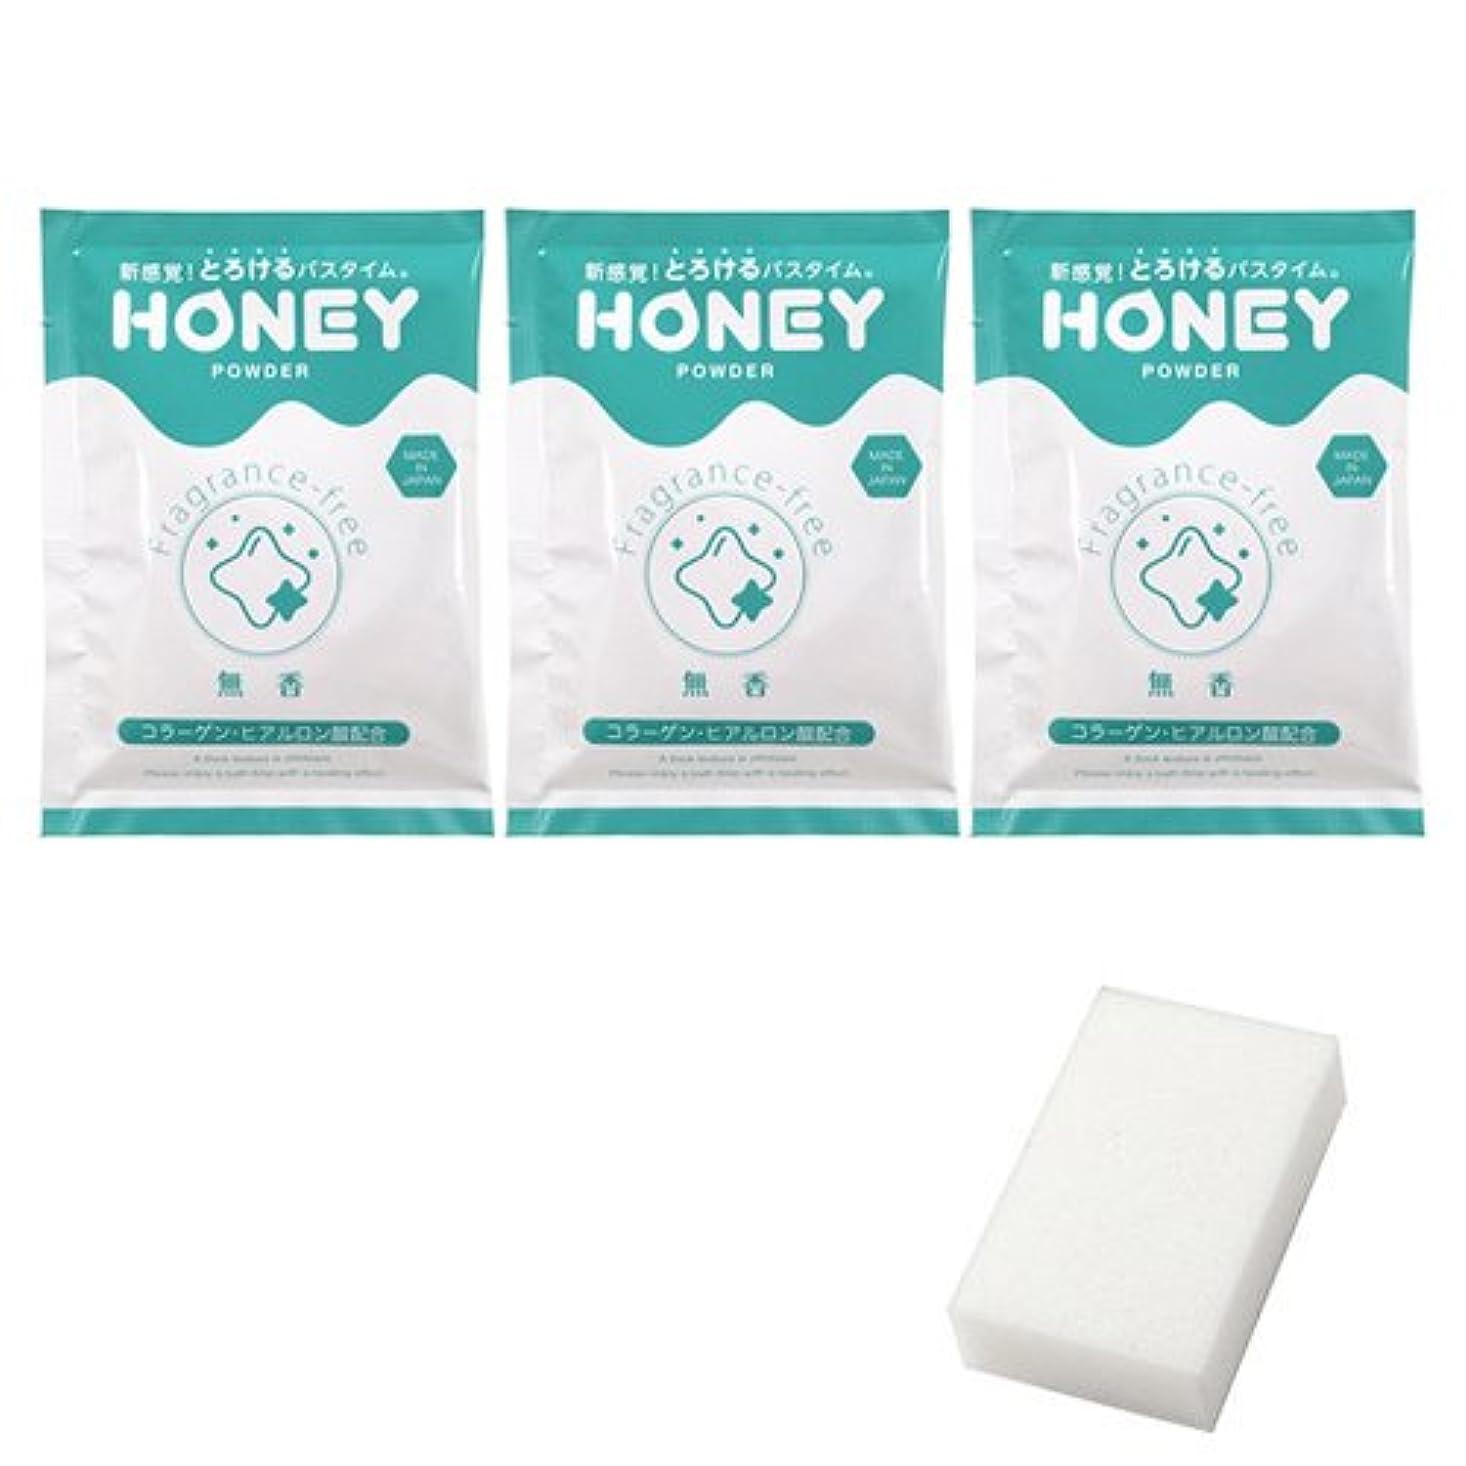 無傷水っぽい持ってるとろとろ入浴剤【honey powder】(ハニーパウダー) 無香タイプ 3個セット + 圧縮スポンジセット